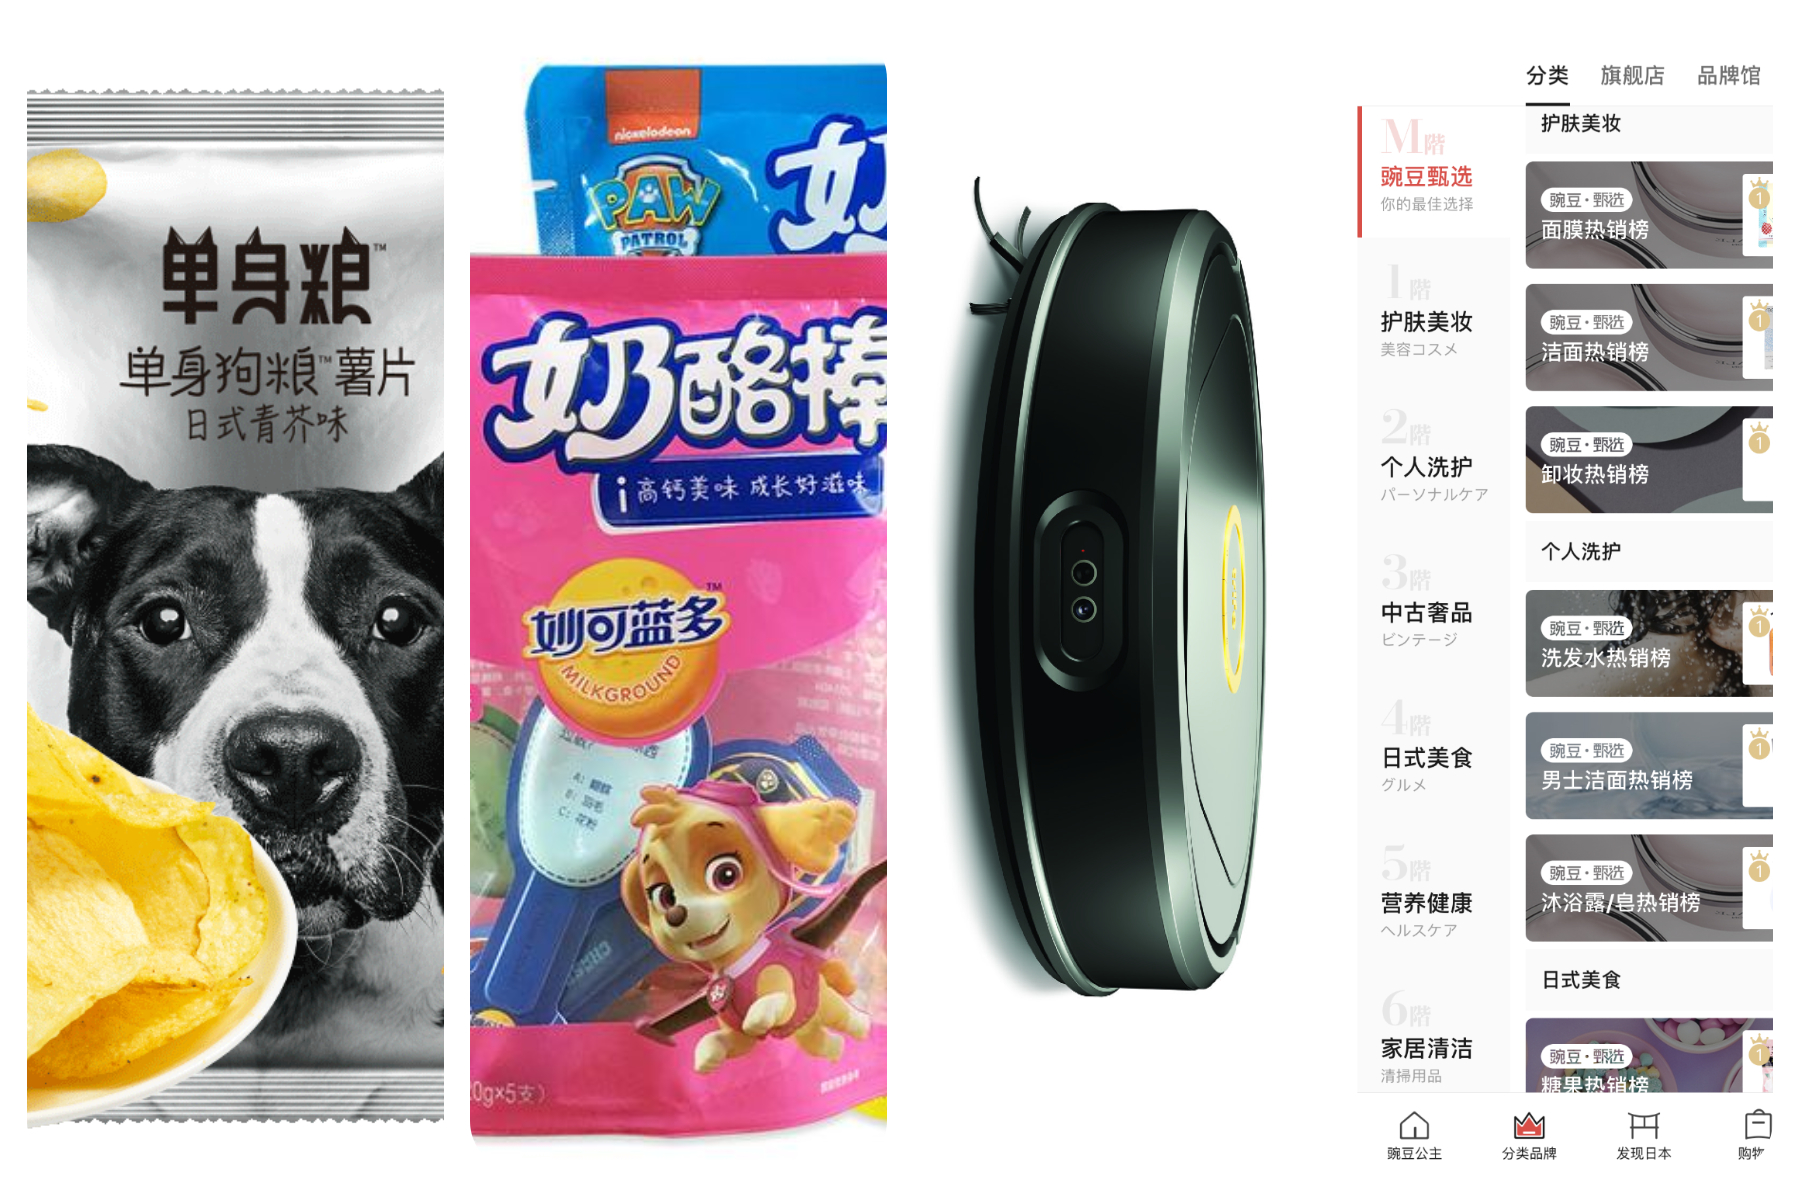 【华丽中国投资周报】2020/01/04~2020/01/10